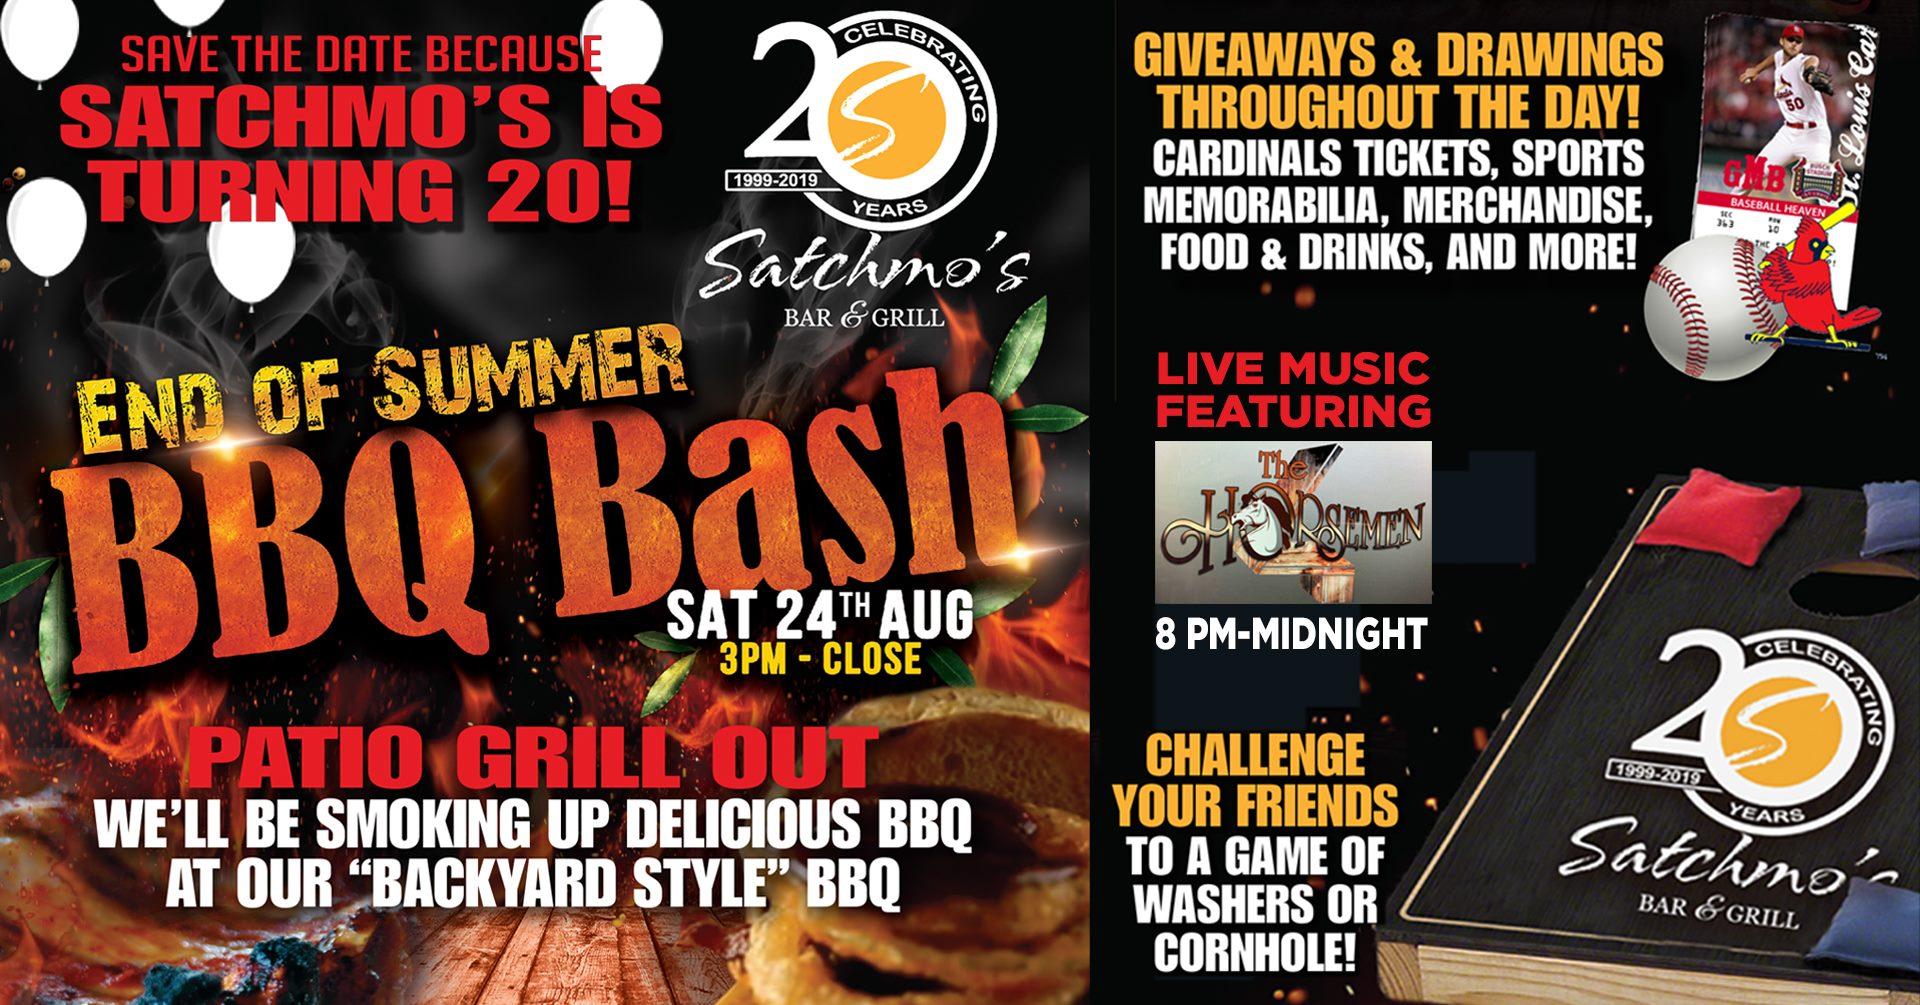 Satchmos 20th BBQ Bash